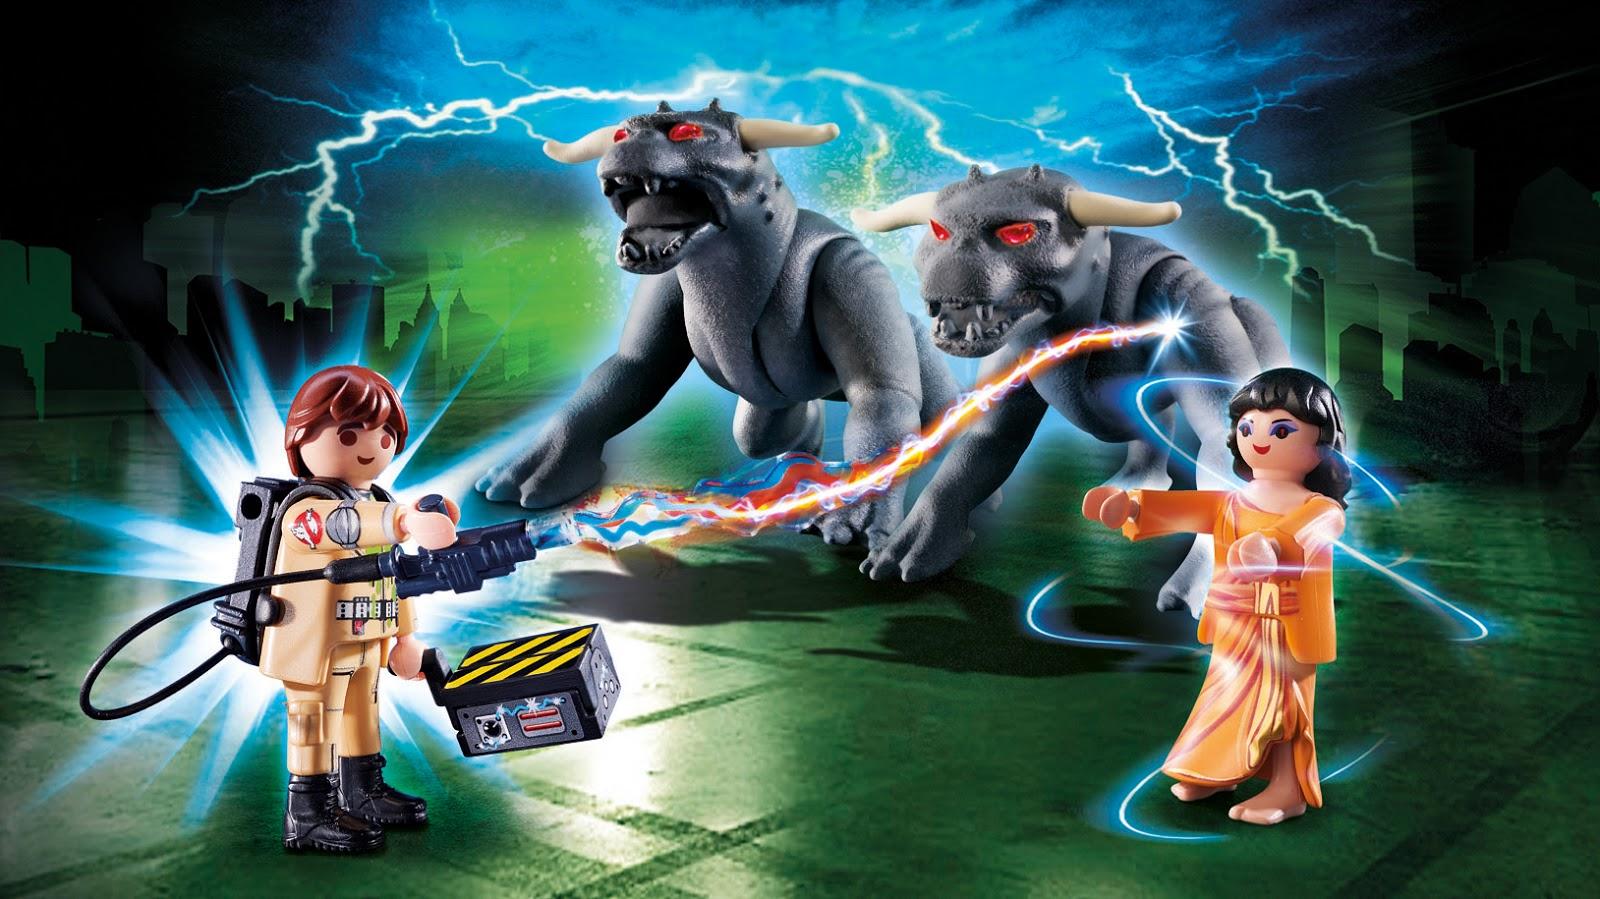 nuevos sets de cazafantasmas de Playmobil (ghostbusters